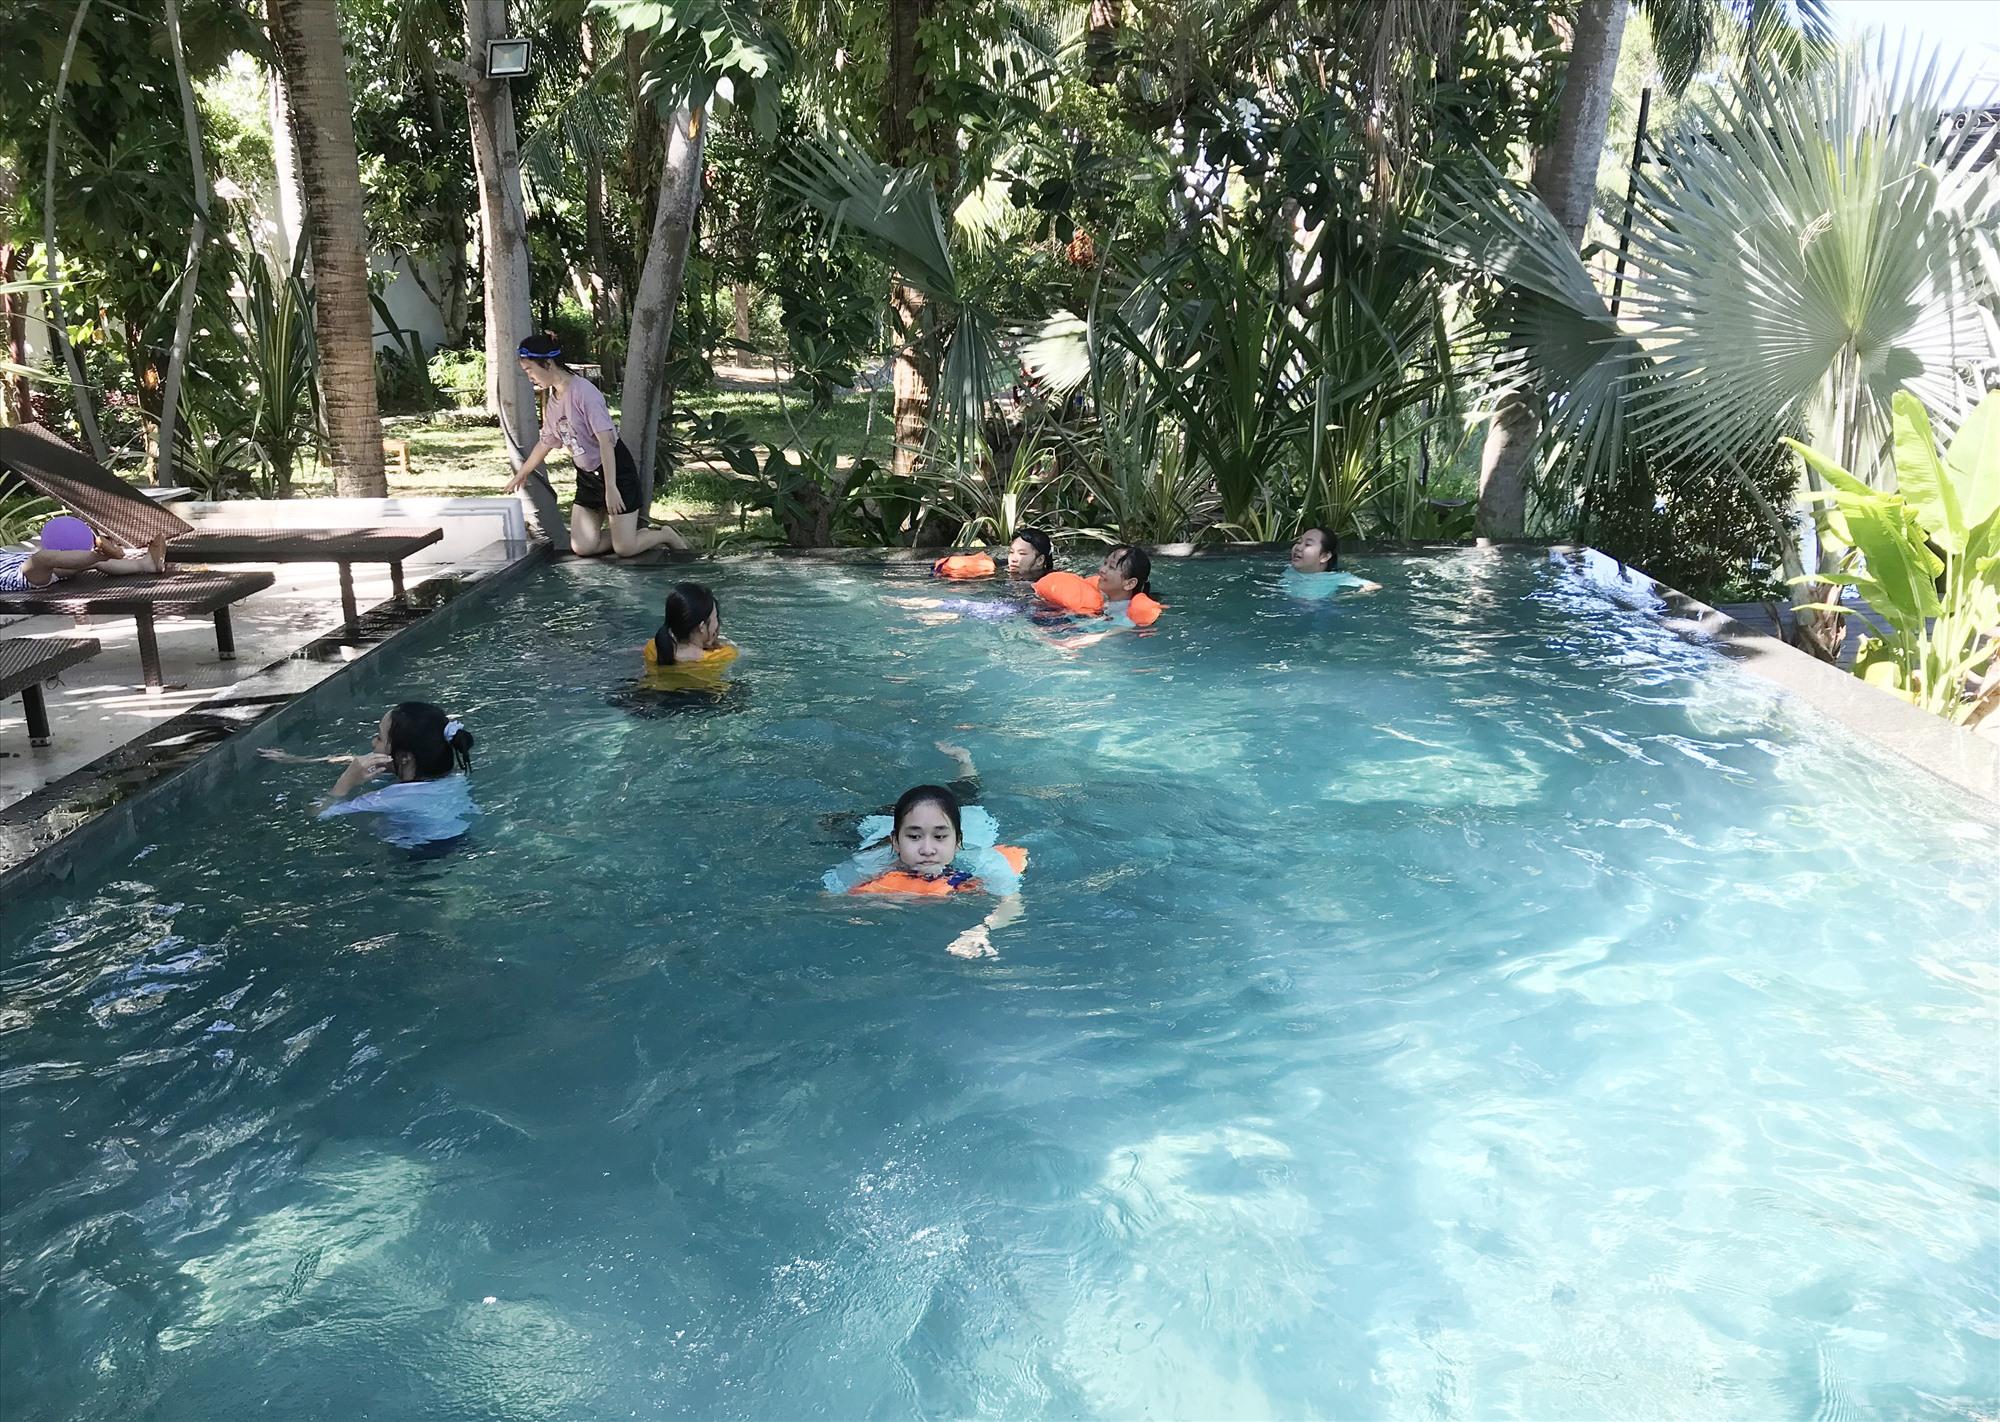 Tung các dịch vụ gắn với sử dụng hồ bơi là giải pháp được nhiều cơ sở lưu trú triển khai để thu hút khách trong mùa hè. Ảnh: P.Q